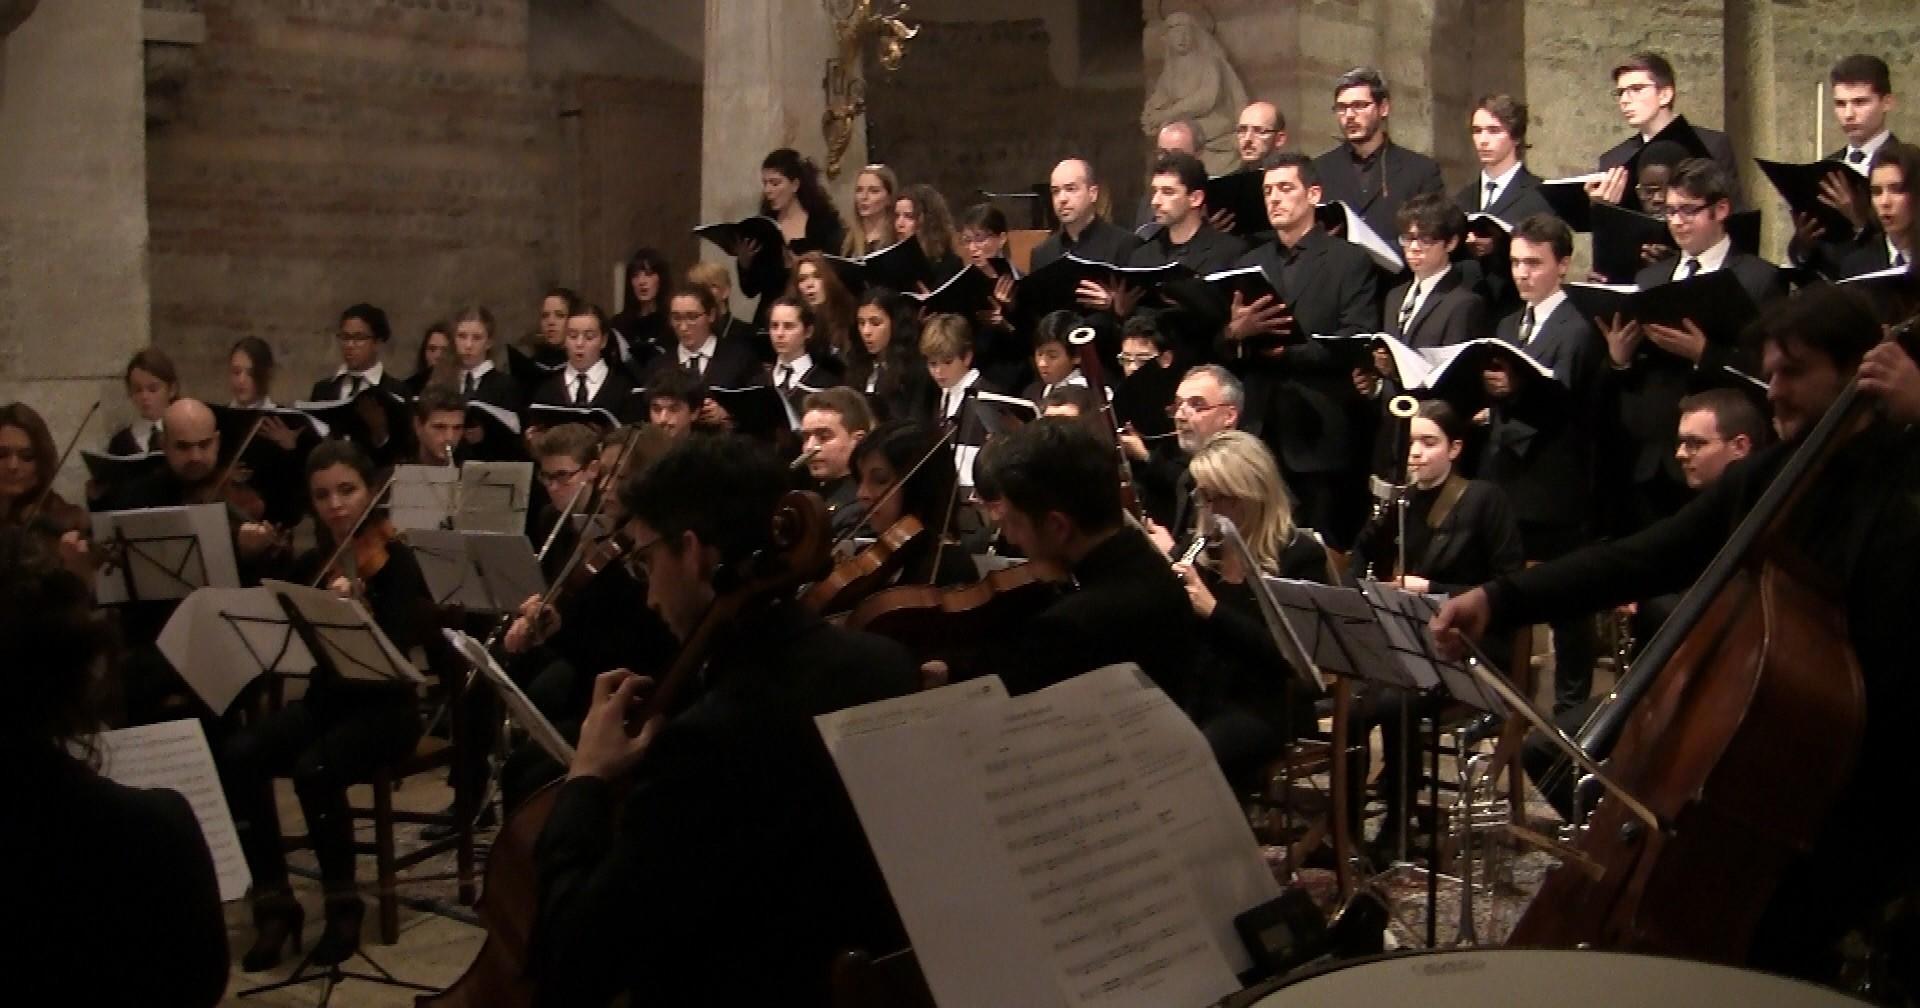 Concerto per i 1600 anni di Venezia-coro